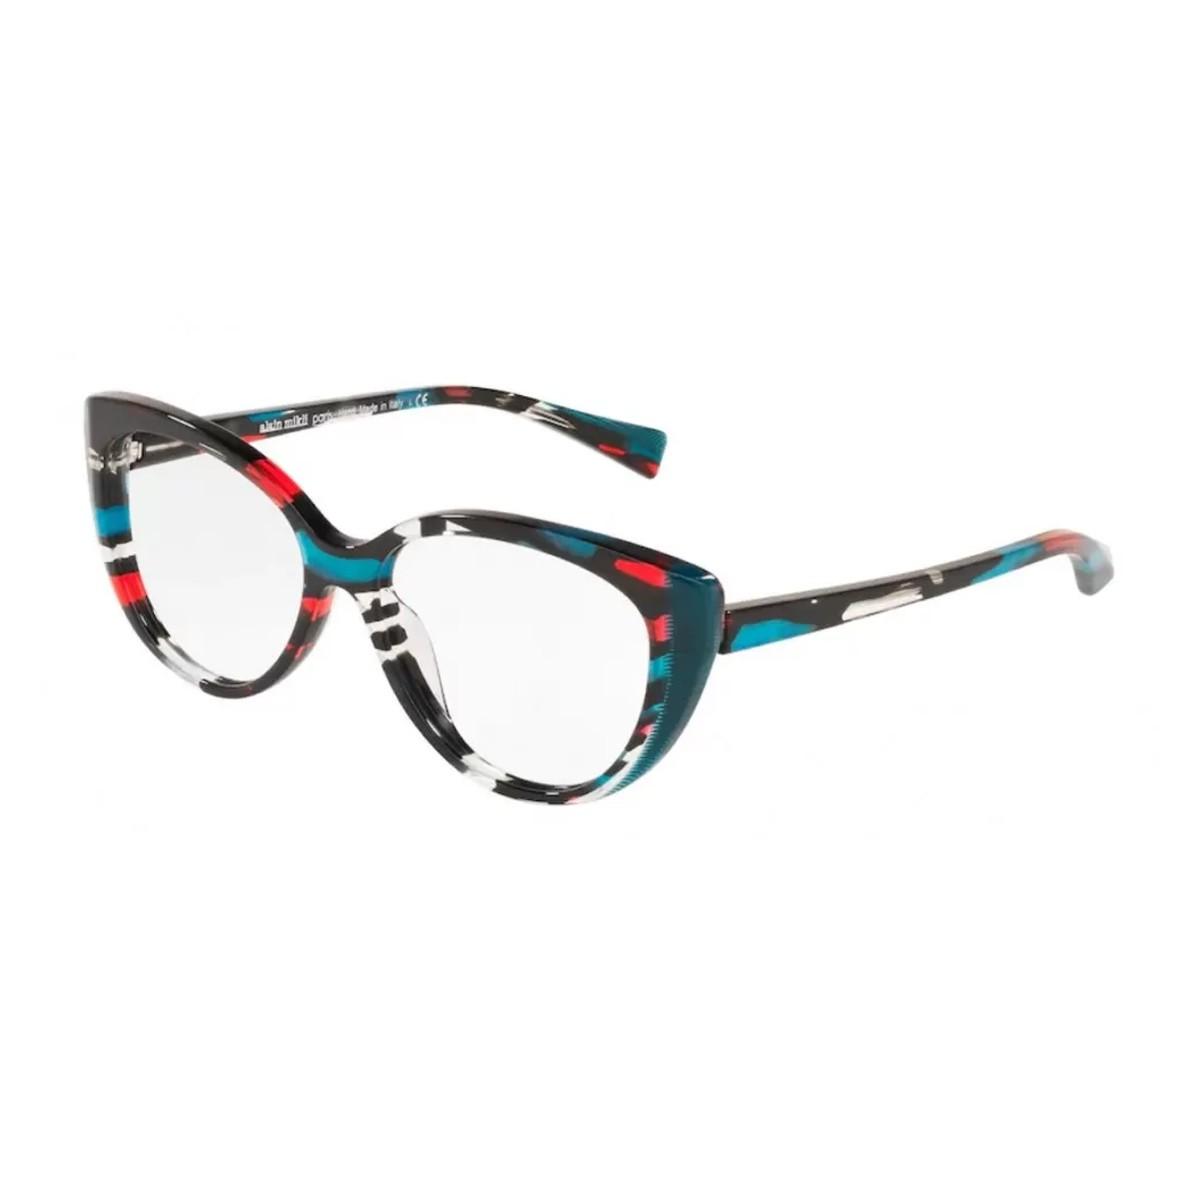 Alain Mikli OA3084 | Women's eyeglasses